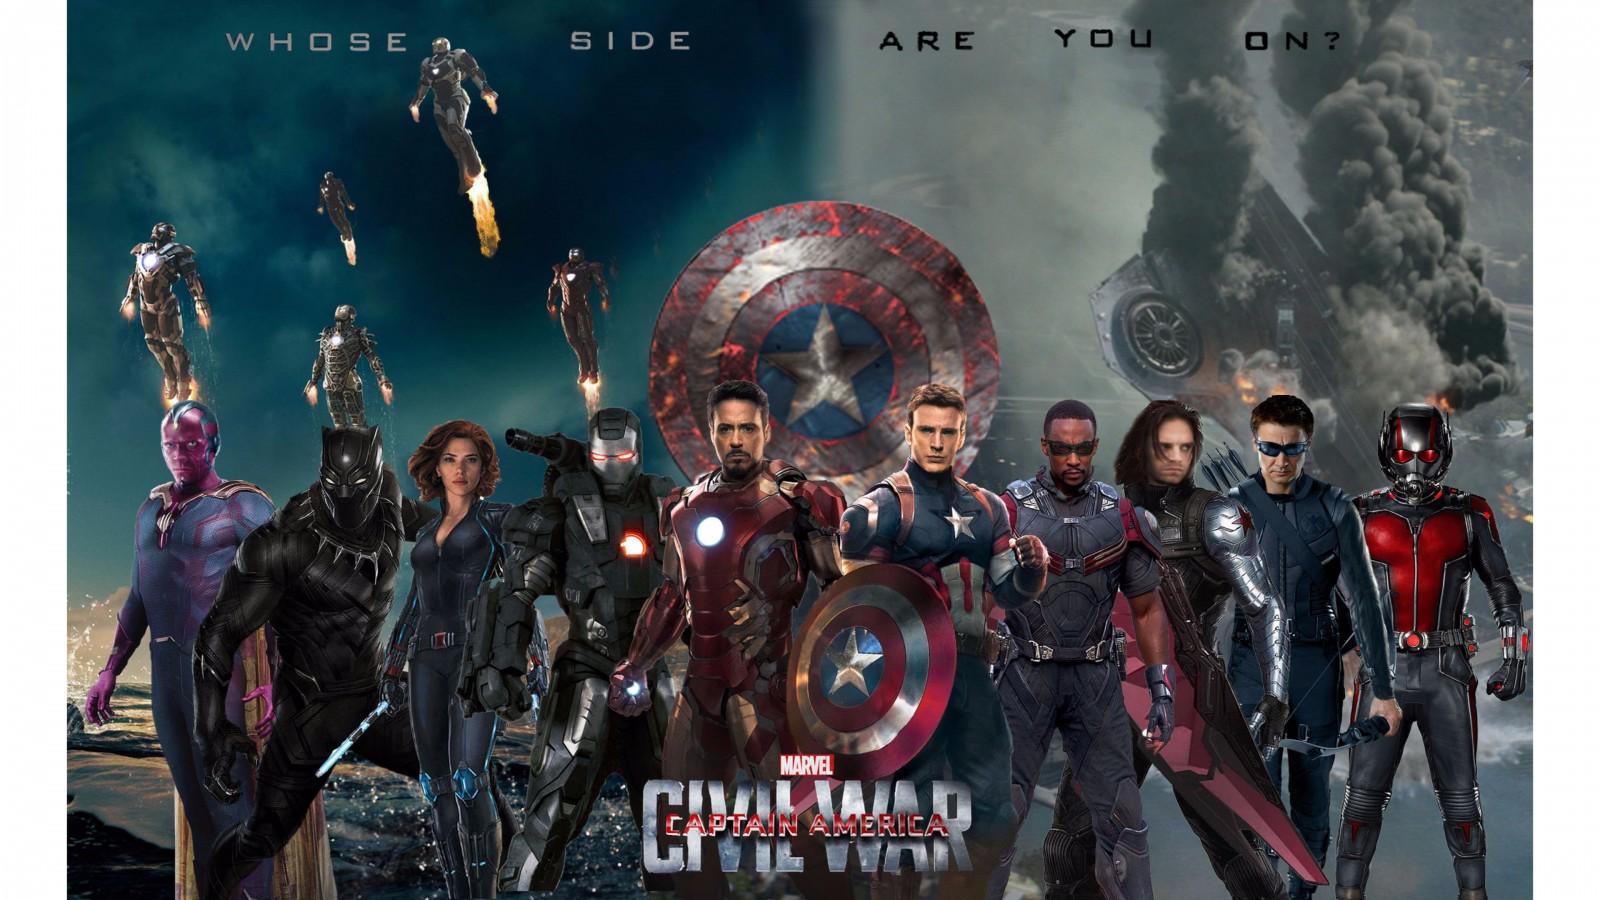 2016 Captain America Civil War 4K Wallpaper | Free 4K ...